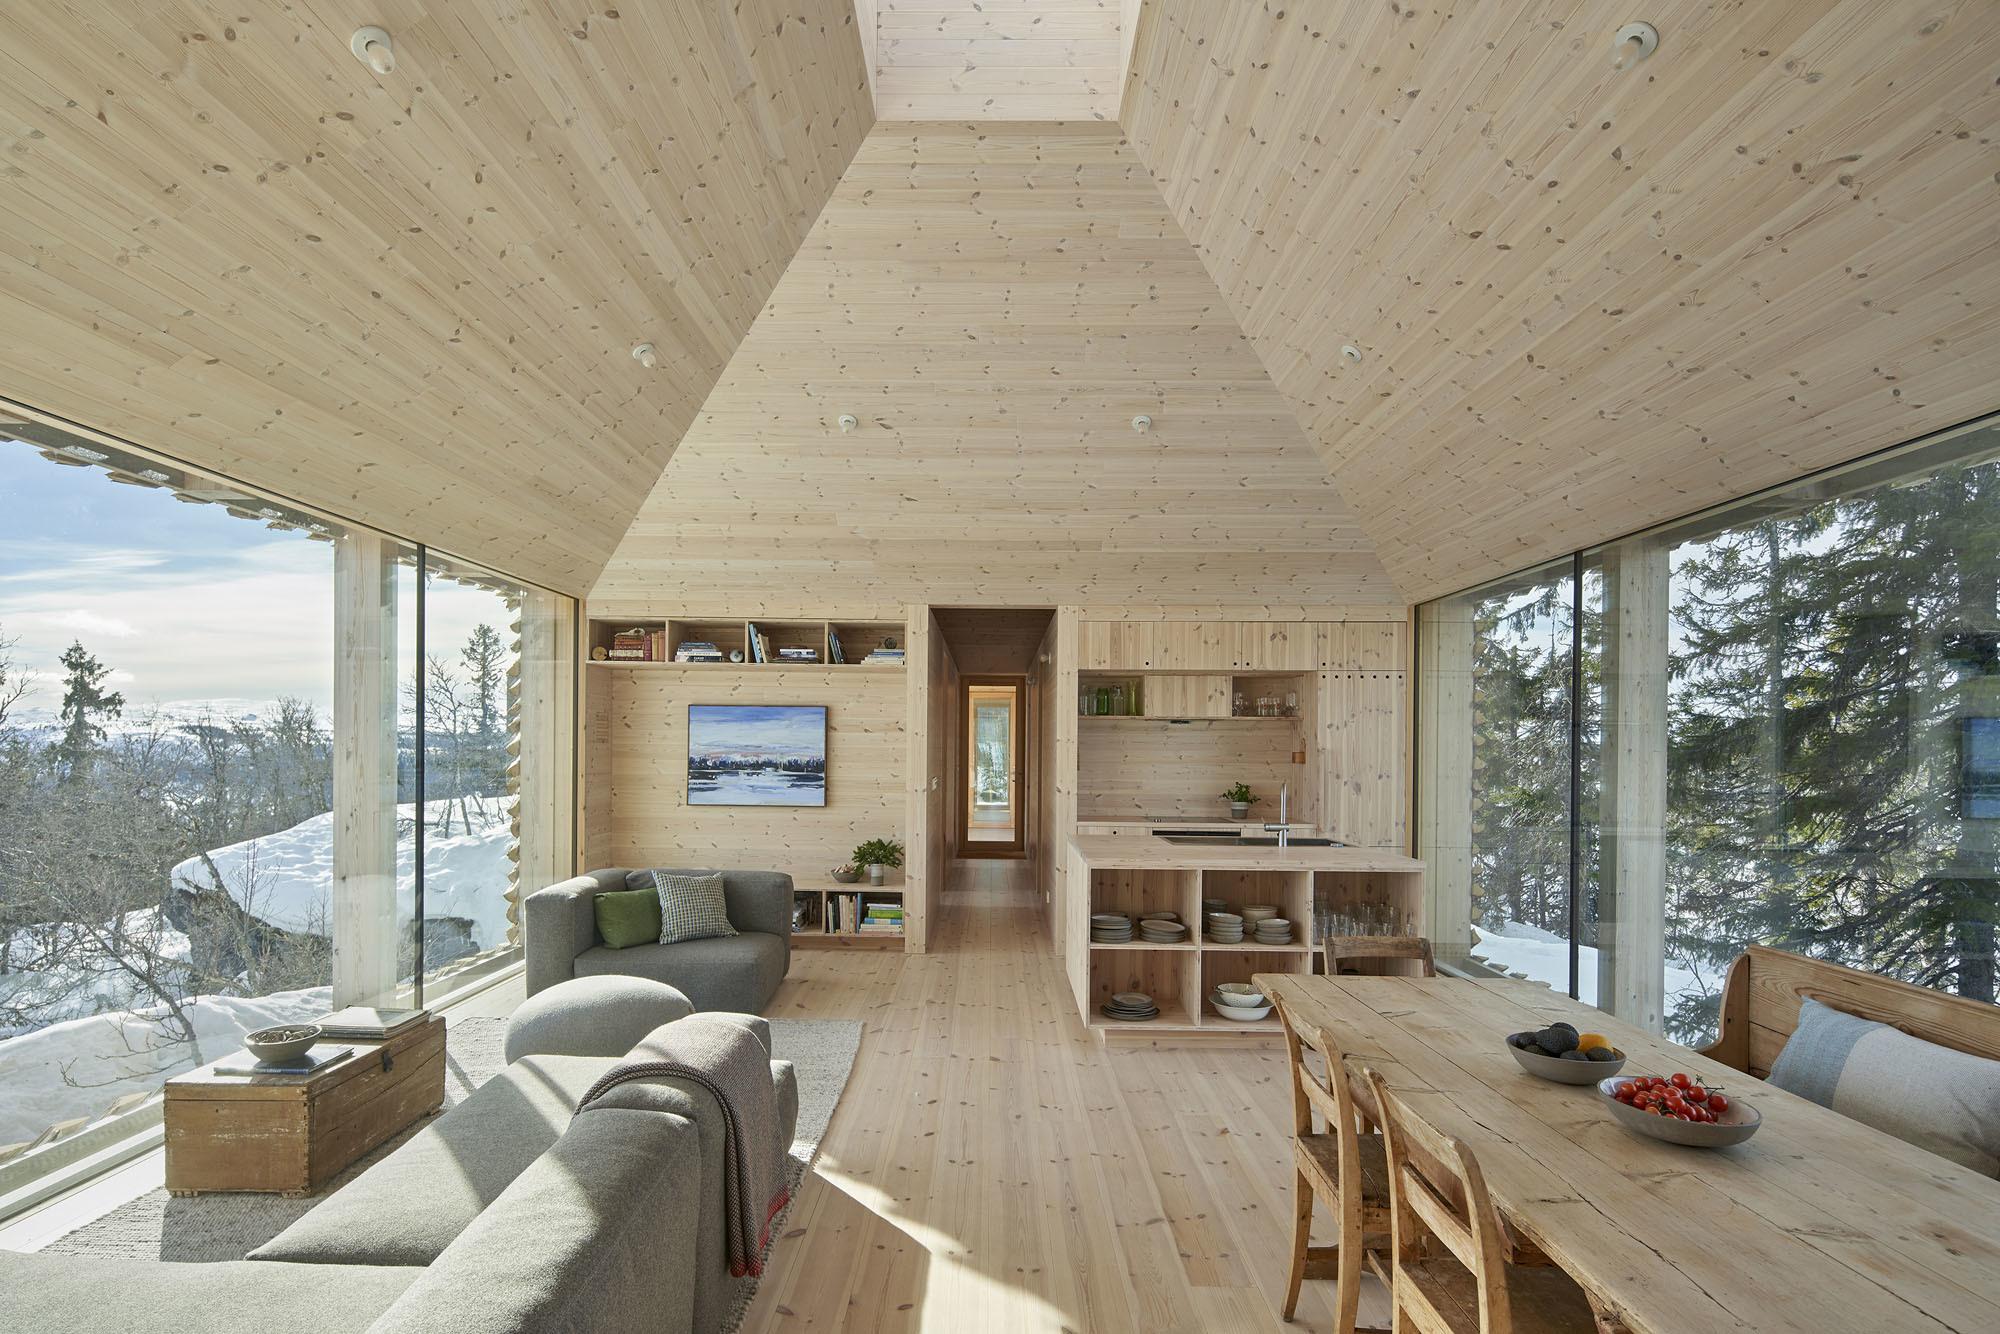 Bodentiefe Fenster öffnen die Innenräume beidseitig nach außen – mit Blick auf die umliegenden Berggipfel und zahlreichen Nadelbäume.